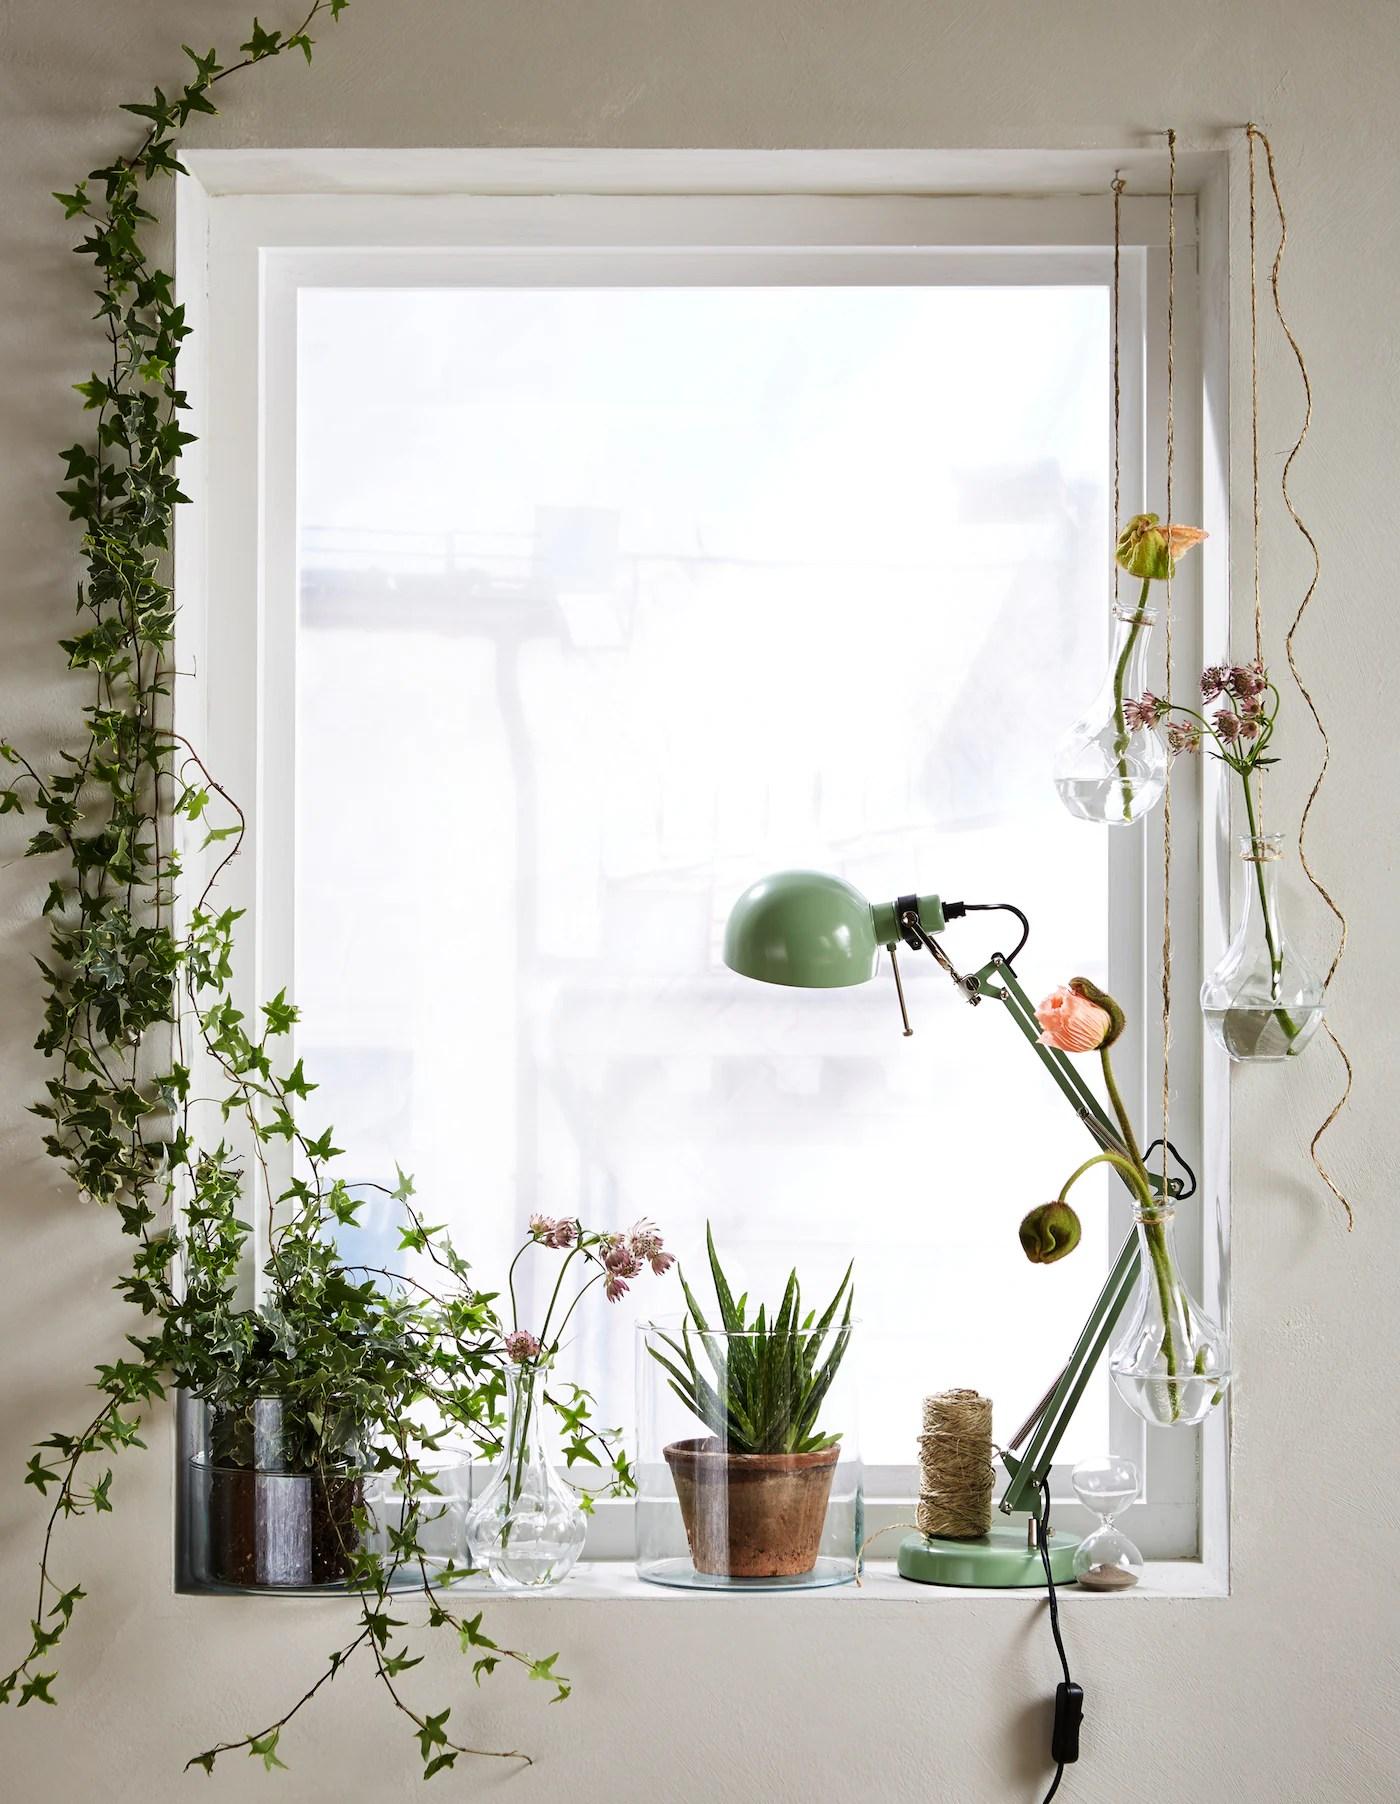 Nella nostra vasta selezione trovi una varietà di articoli per contenere le tue piante e. 5 Idee Per Decorare Con Le Piante Estive Ikea Svizzera